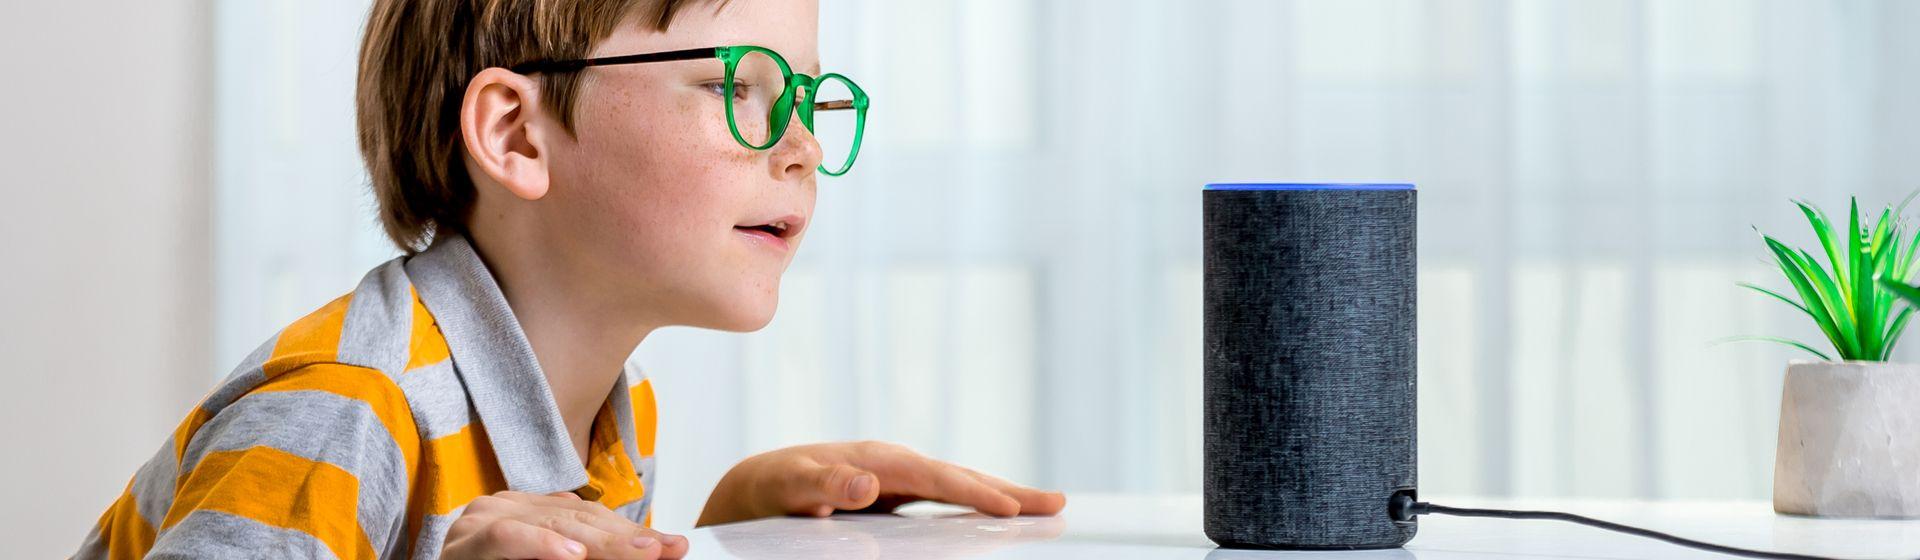 Perguntas para Alexa: confira algumas curiosidades